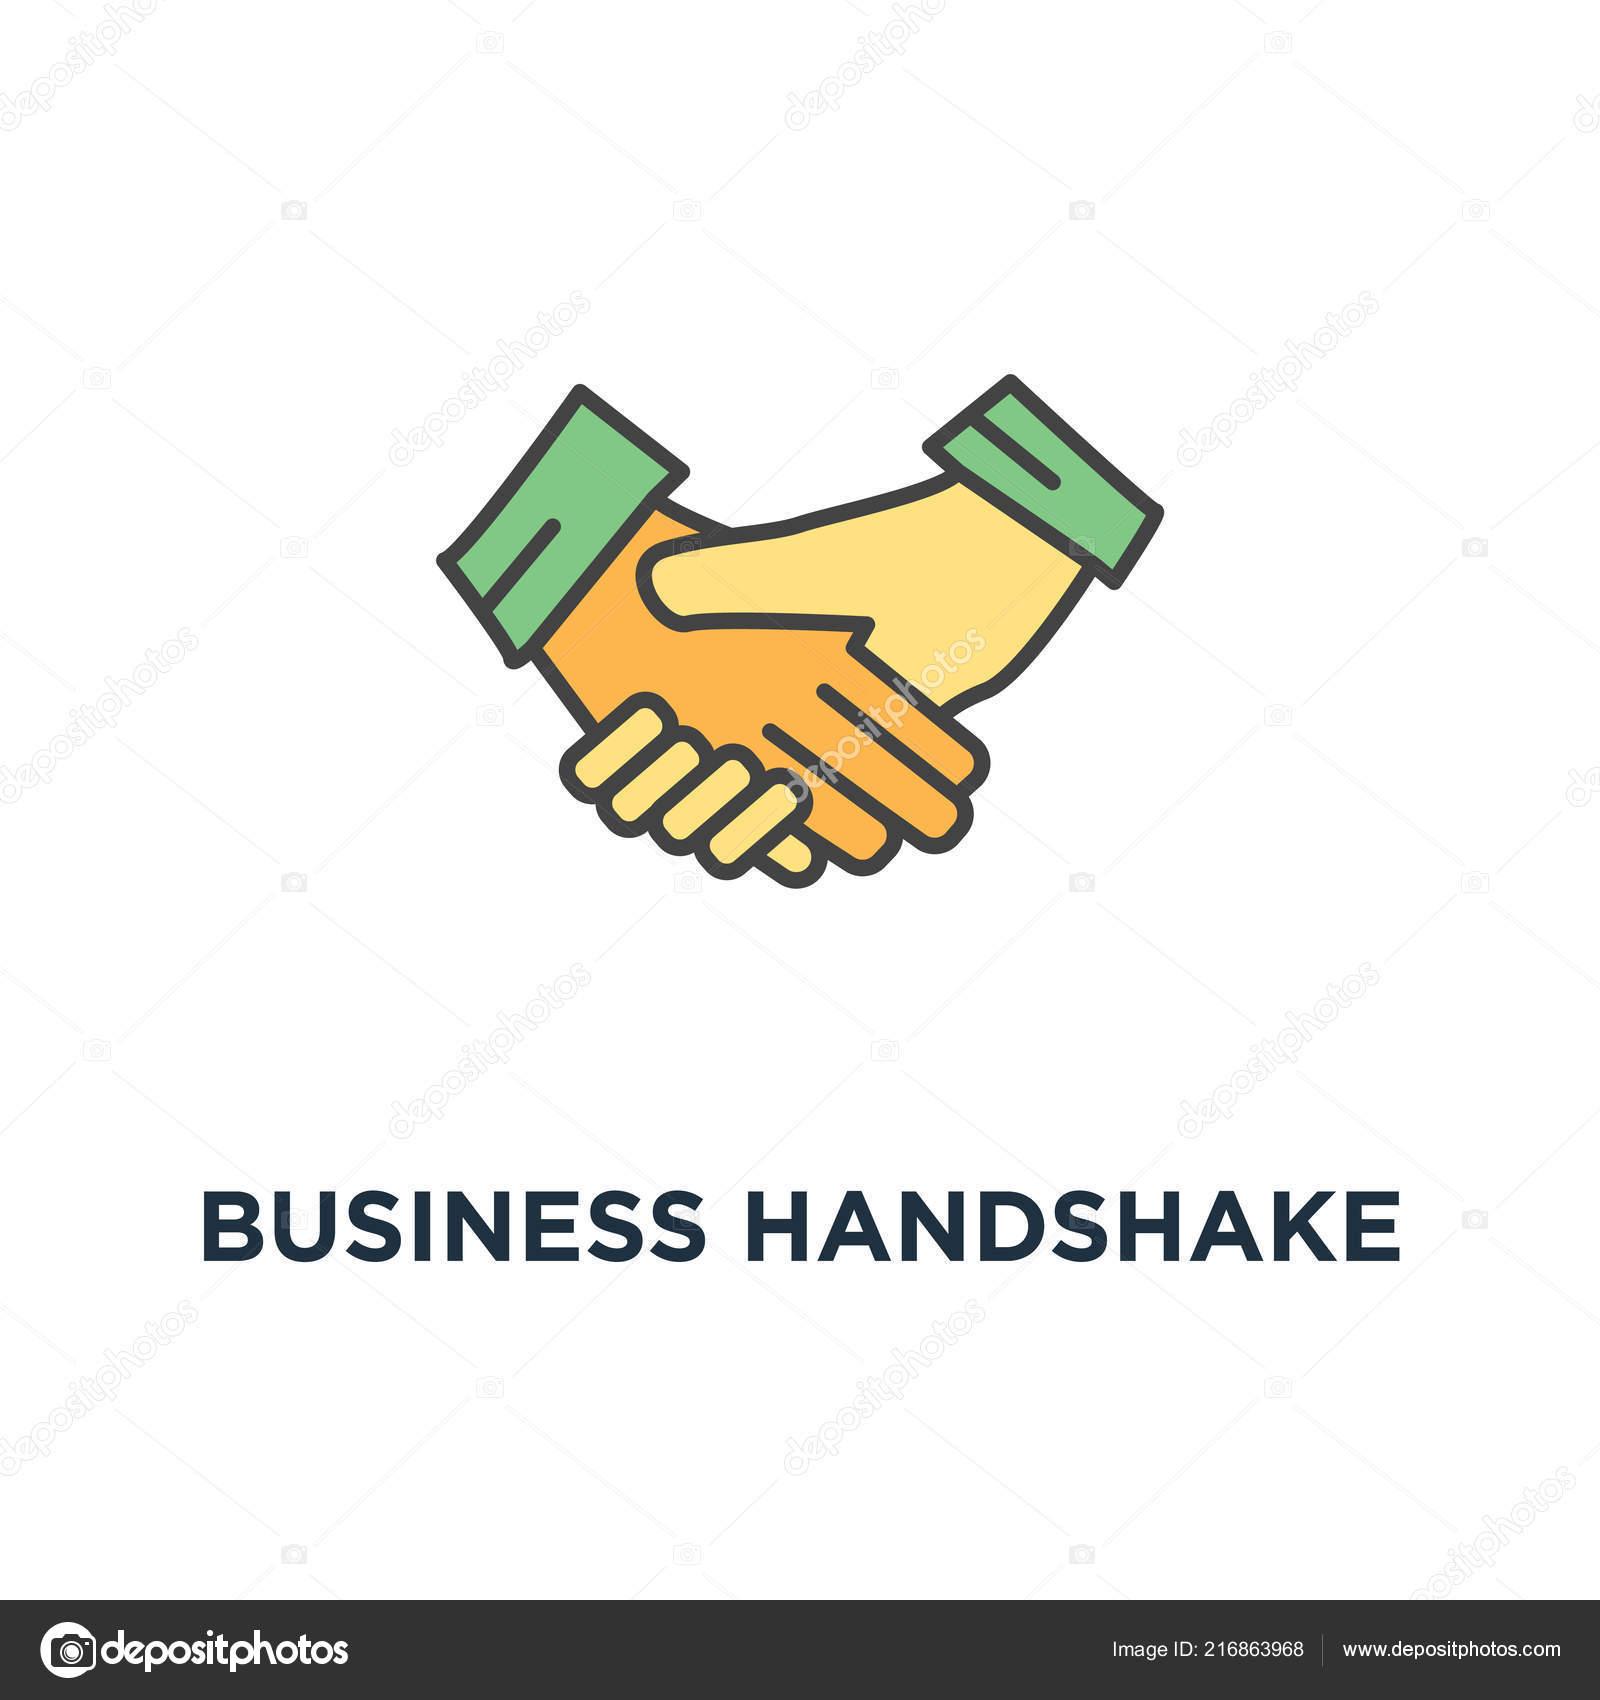 Business Handshake Oder Hände Schütteln Vertrag Vereinbarung Symbol